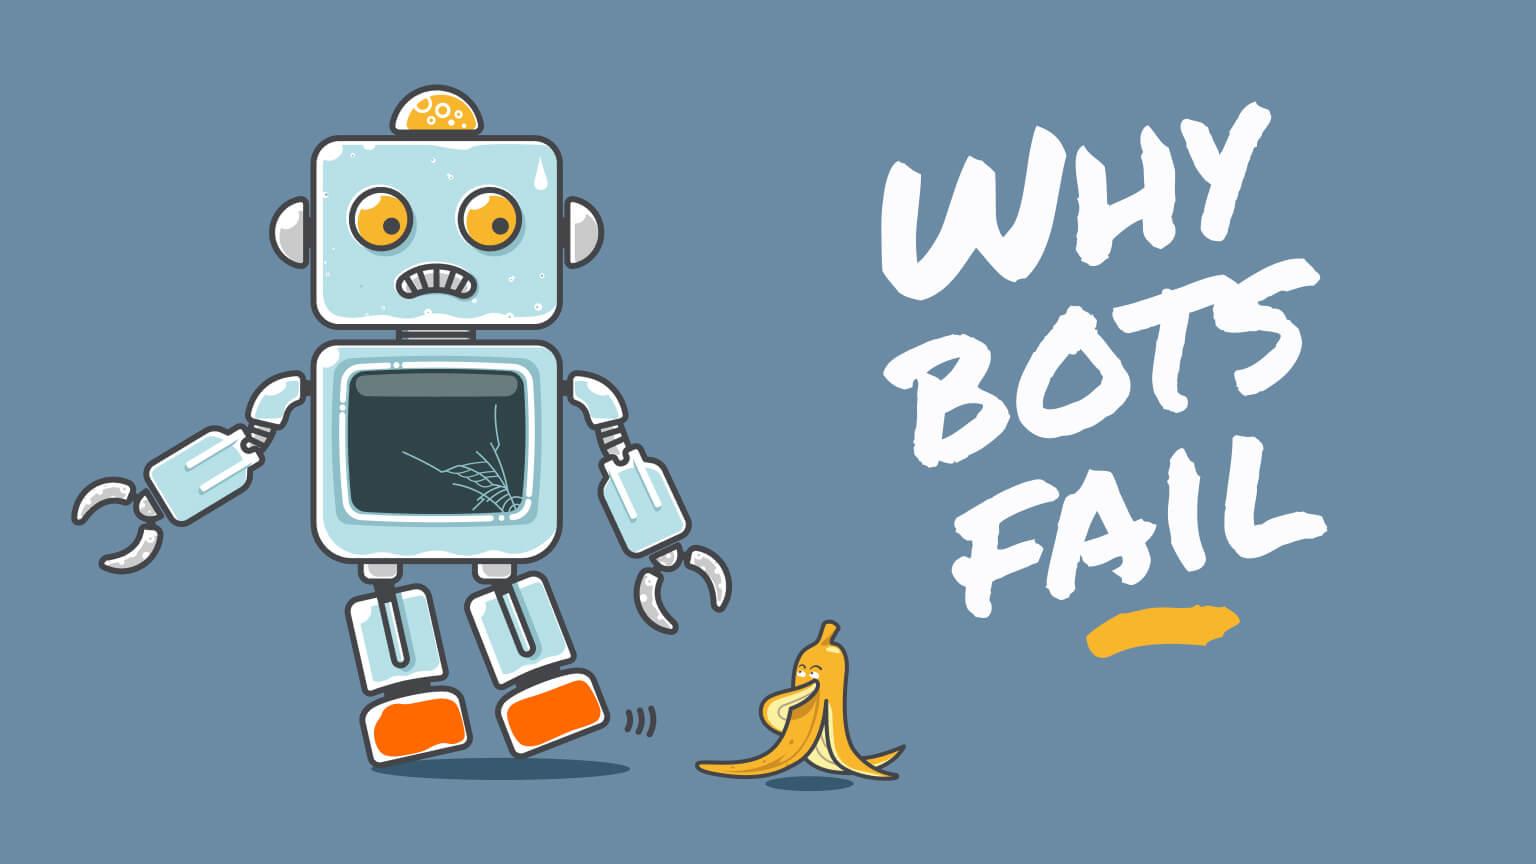 Robot slips on banana peel